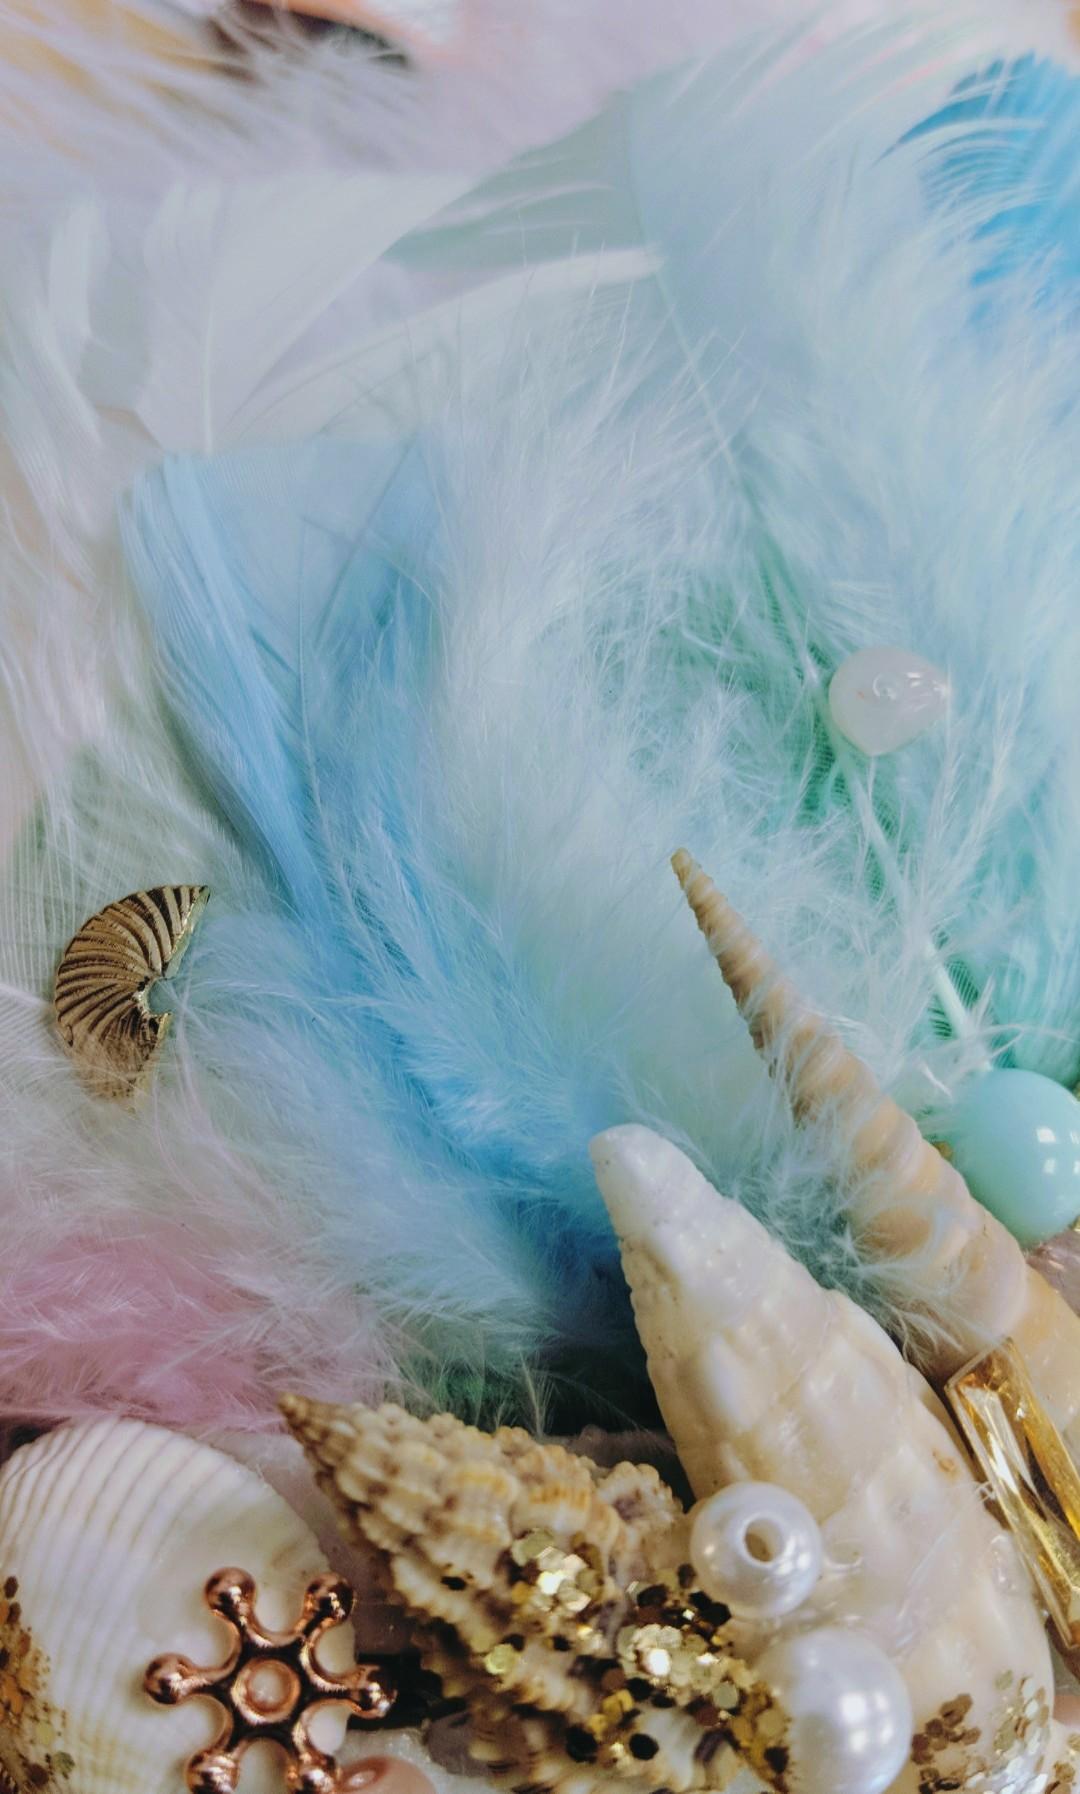 Formidable Joy | Crafts | Mermaid Crown Tutorial | Fashion | Festival | Festival Fashion | Headpiece | Mermaid